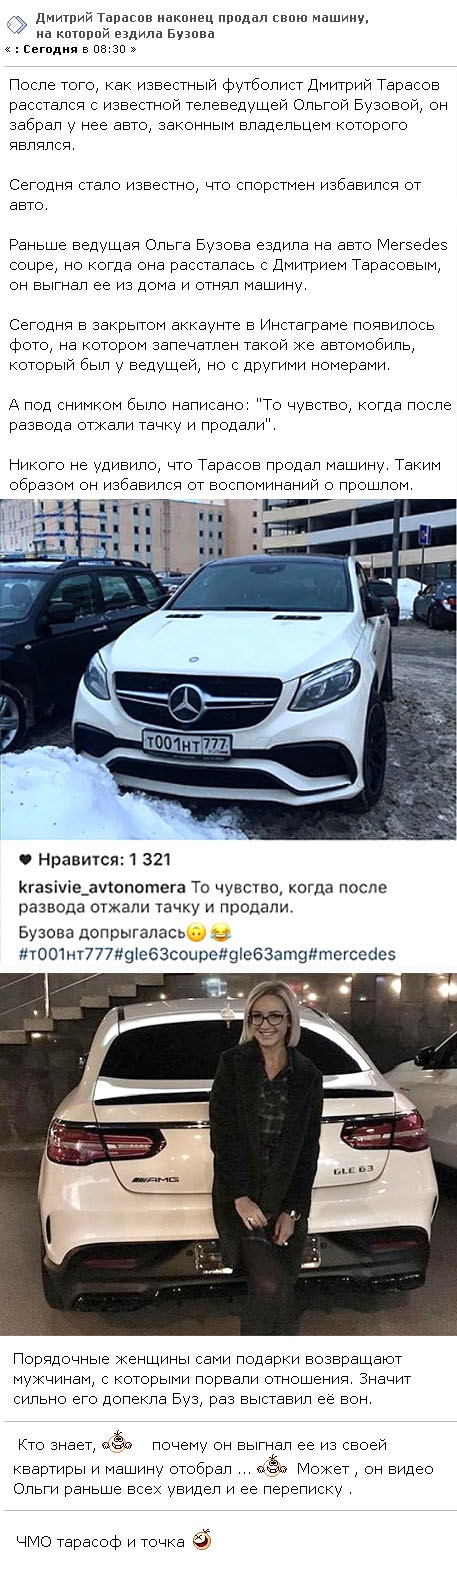 Новый хозяин выложил фото машины отобранной у Ольги Бузовой